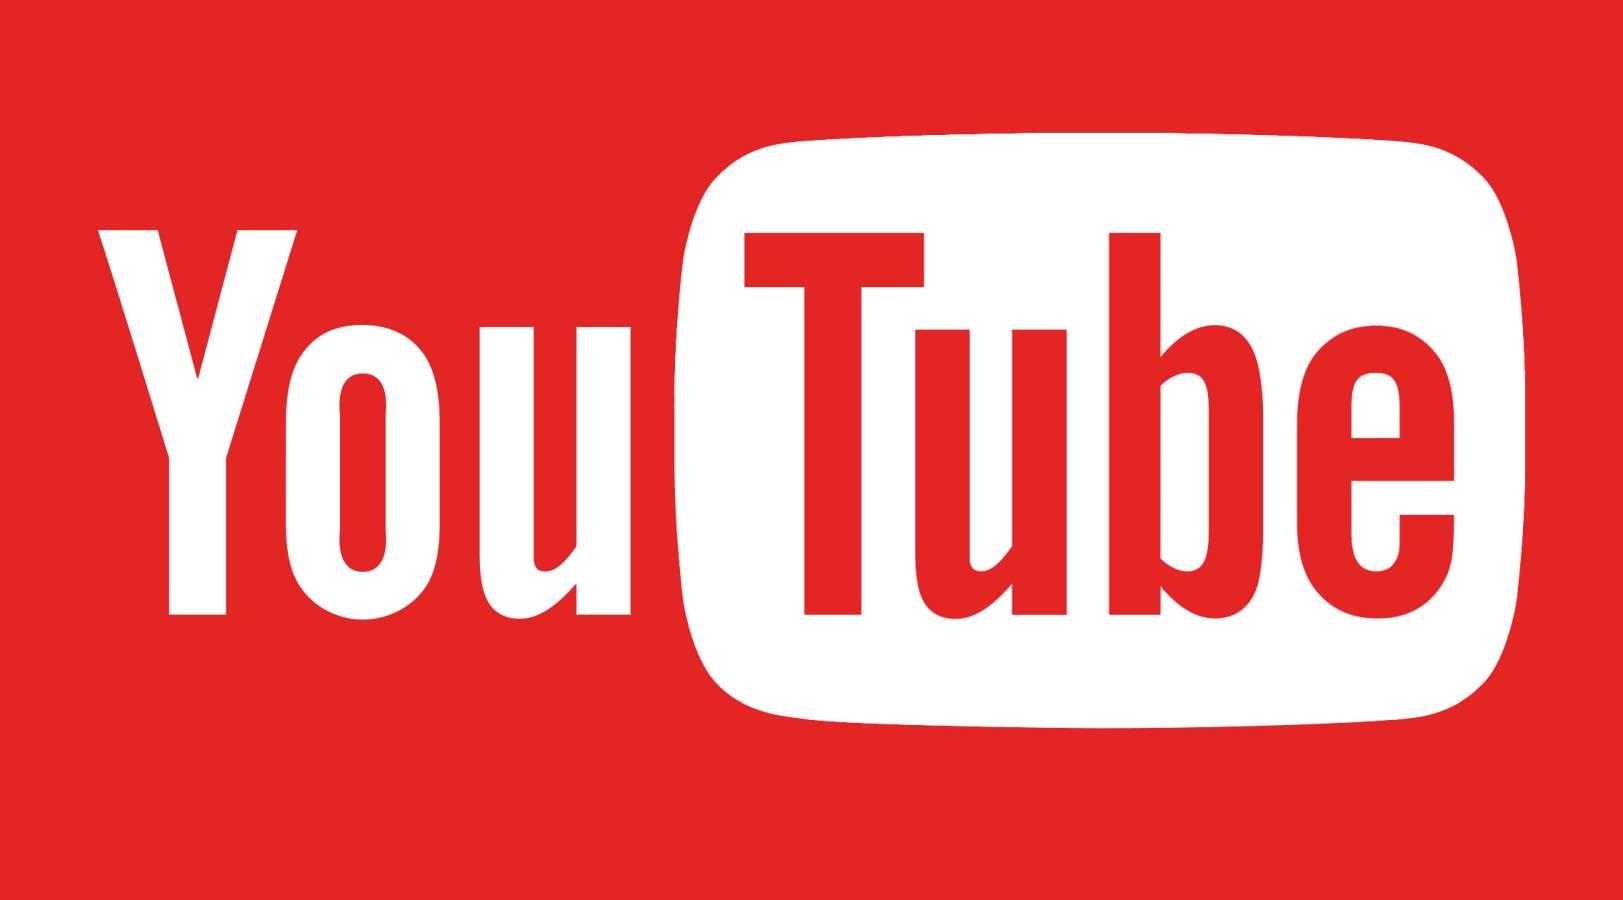 YouTube Noua Actualizare cu Noutati pentru Telefoane si Tablete